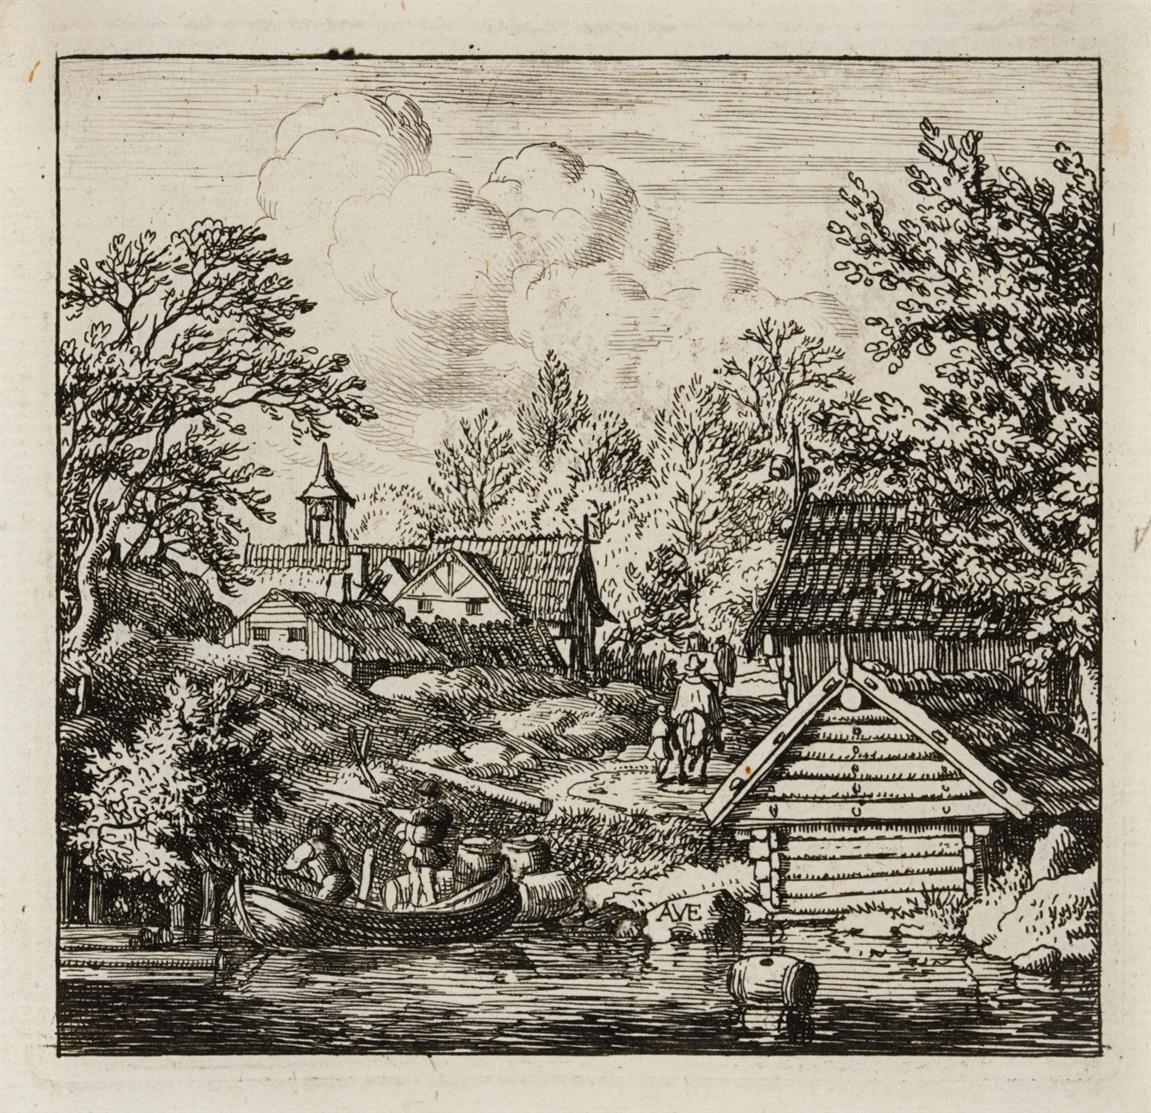 Allart van Everdingen. Weiler am Hang / Weiler auf bergigem Felde / Entladung des Kahns. 3 Blatt Radierungen. Hollstein 17, 19, bzw. 20, jeweils IV (von IV).